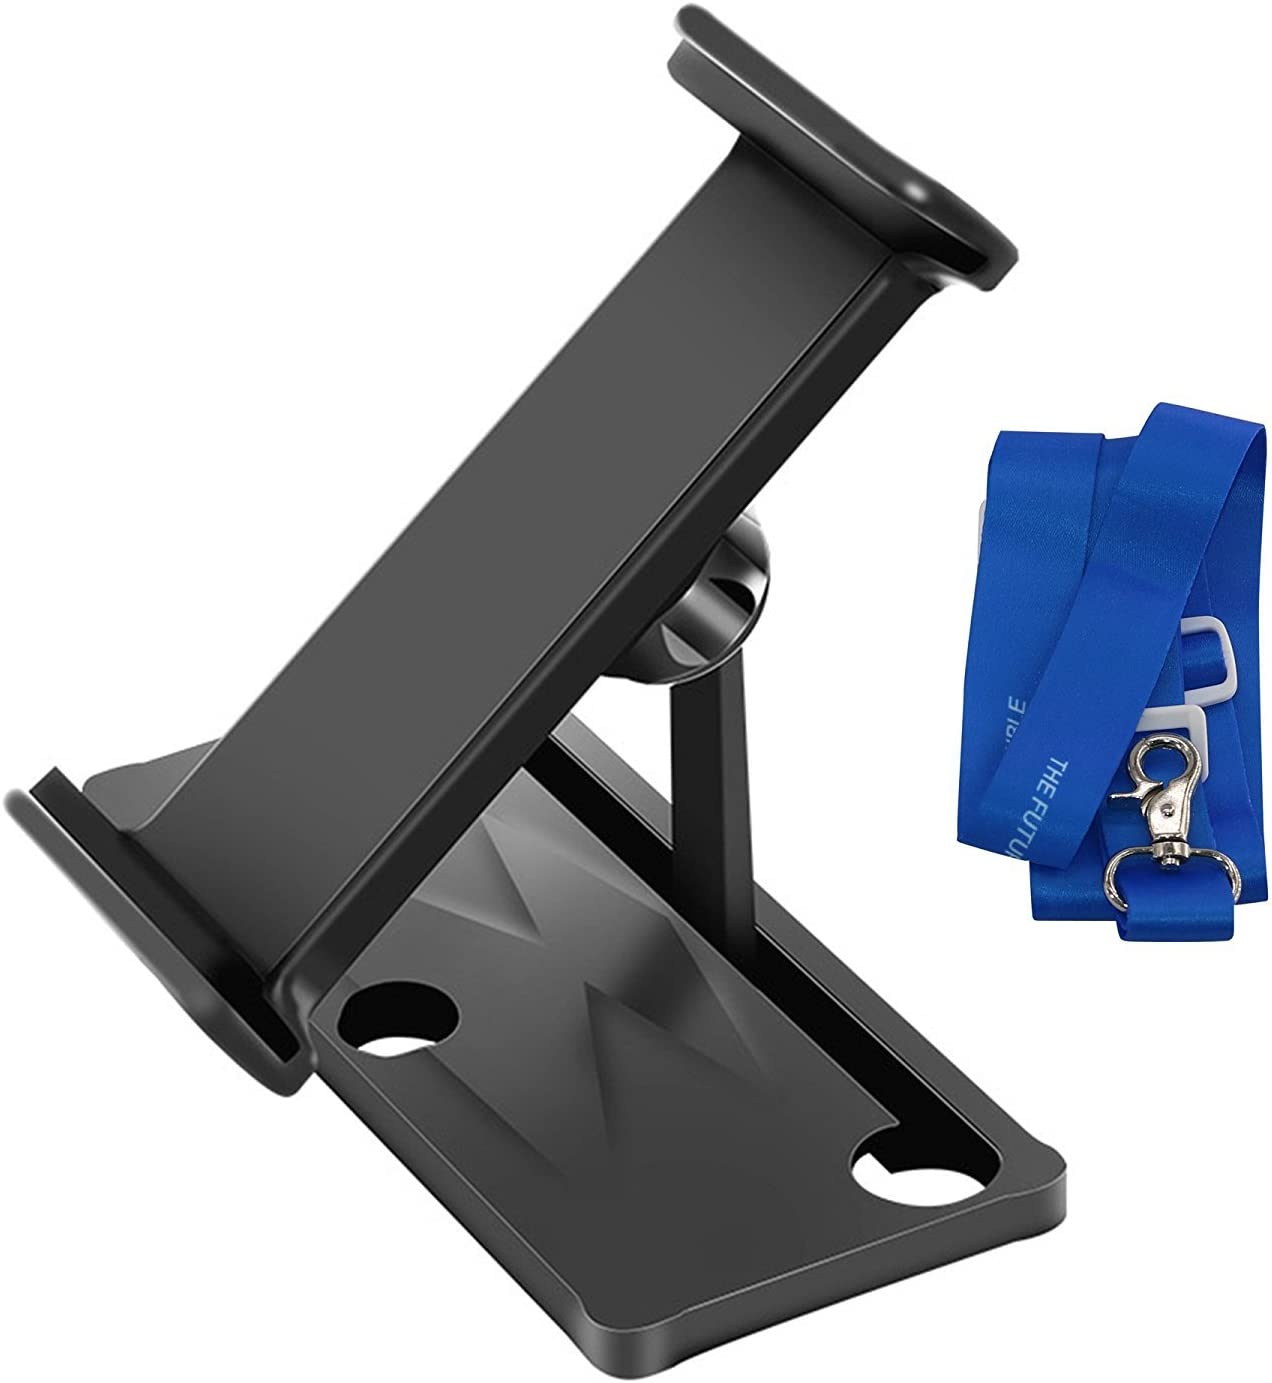 LEMONPET for DJI Spark, Mavic Pro, Mavic Air, Mavic 2 Pro, Mavic 2 Zoom Tablet/Phone Holder, Aluminum-Alloy Foldable Holder Extender 4-12 inches Tablet/Phone Stander Holder + Neck Strap